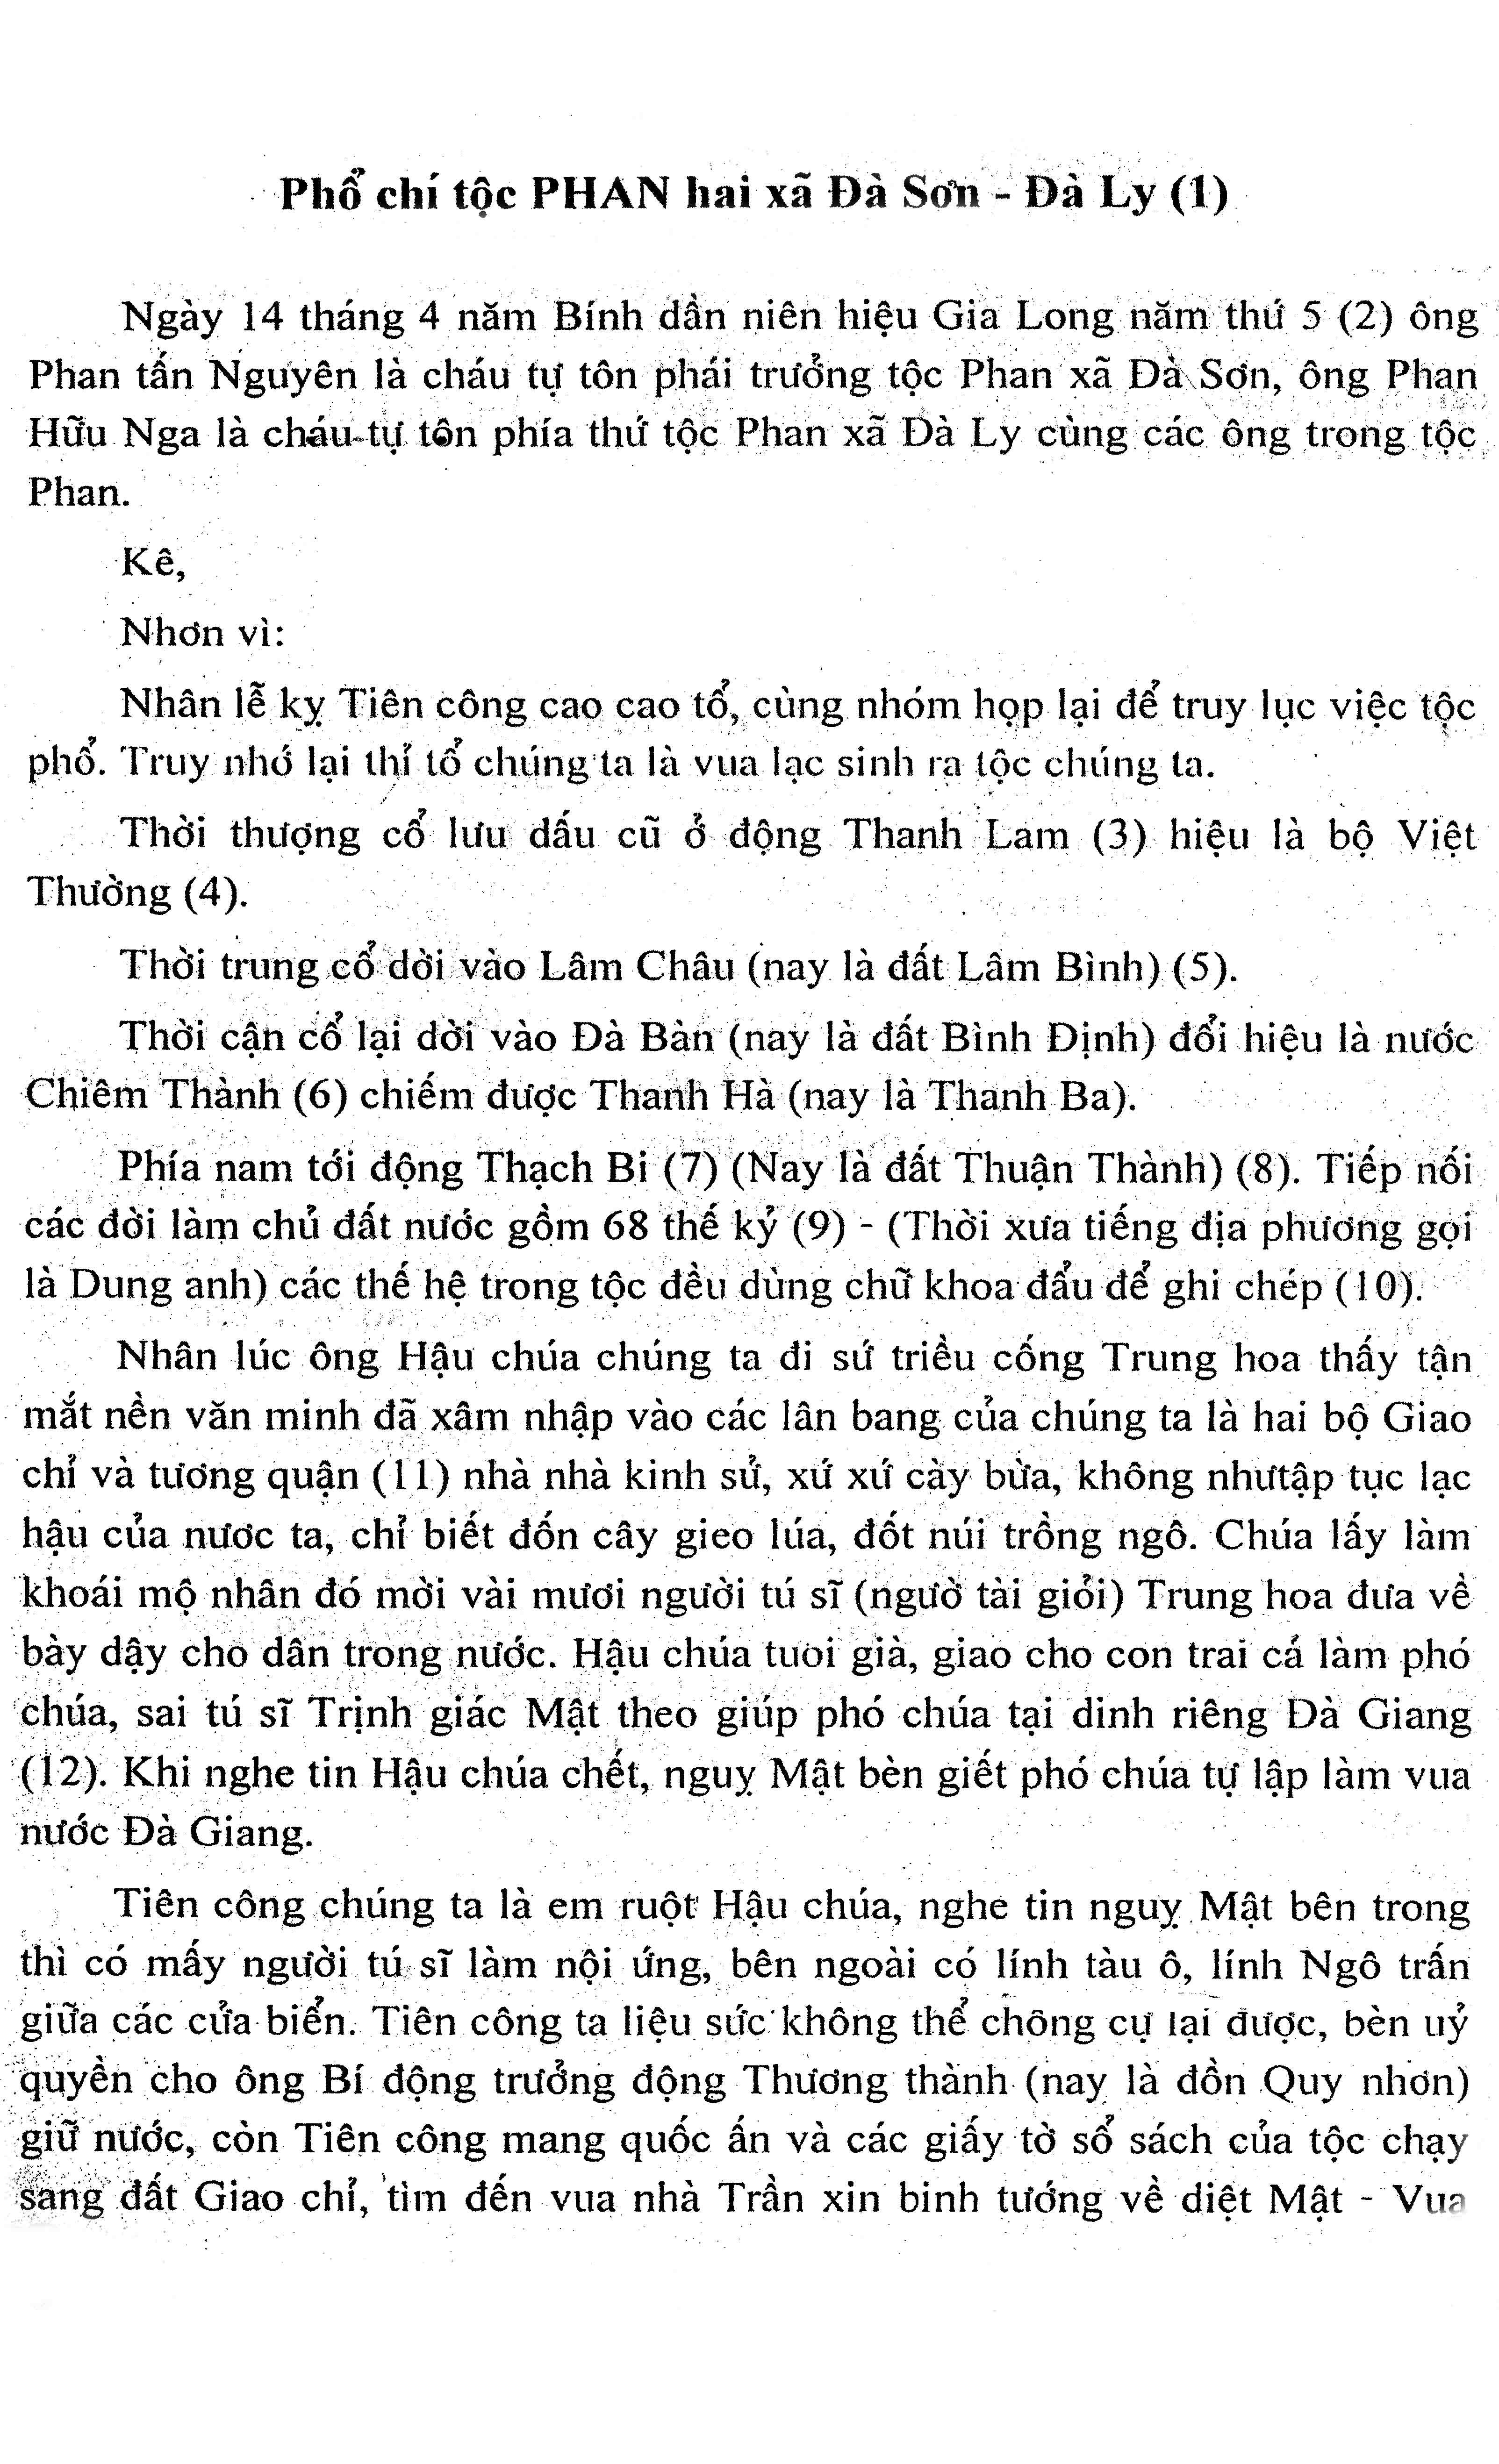 5 2 - Miền tháp cổ - Tác giả Vũ Hùng - Kỳ 10 - Phan tộc phổ chí Đà Sơn - Đà Ly nhị xã